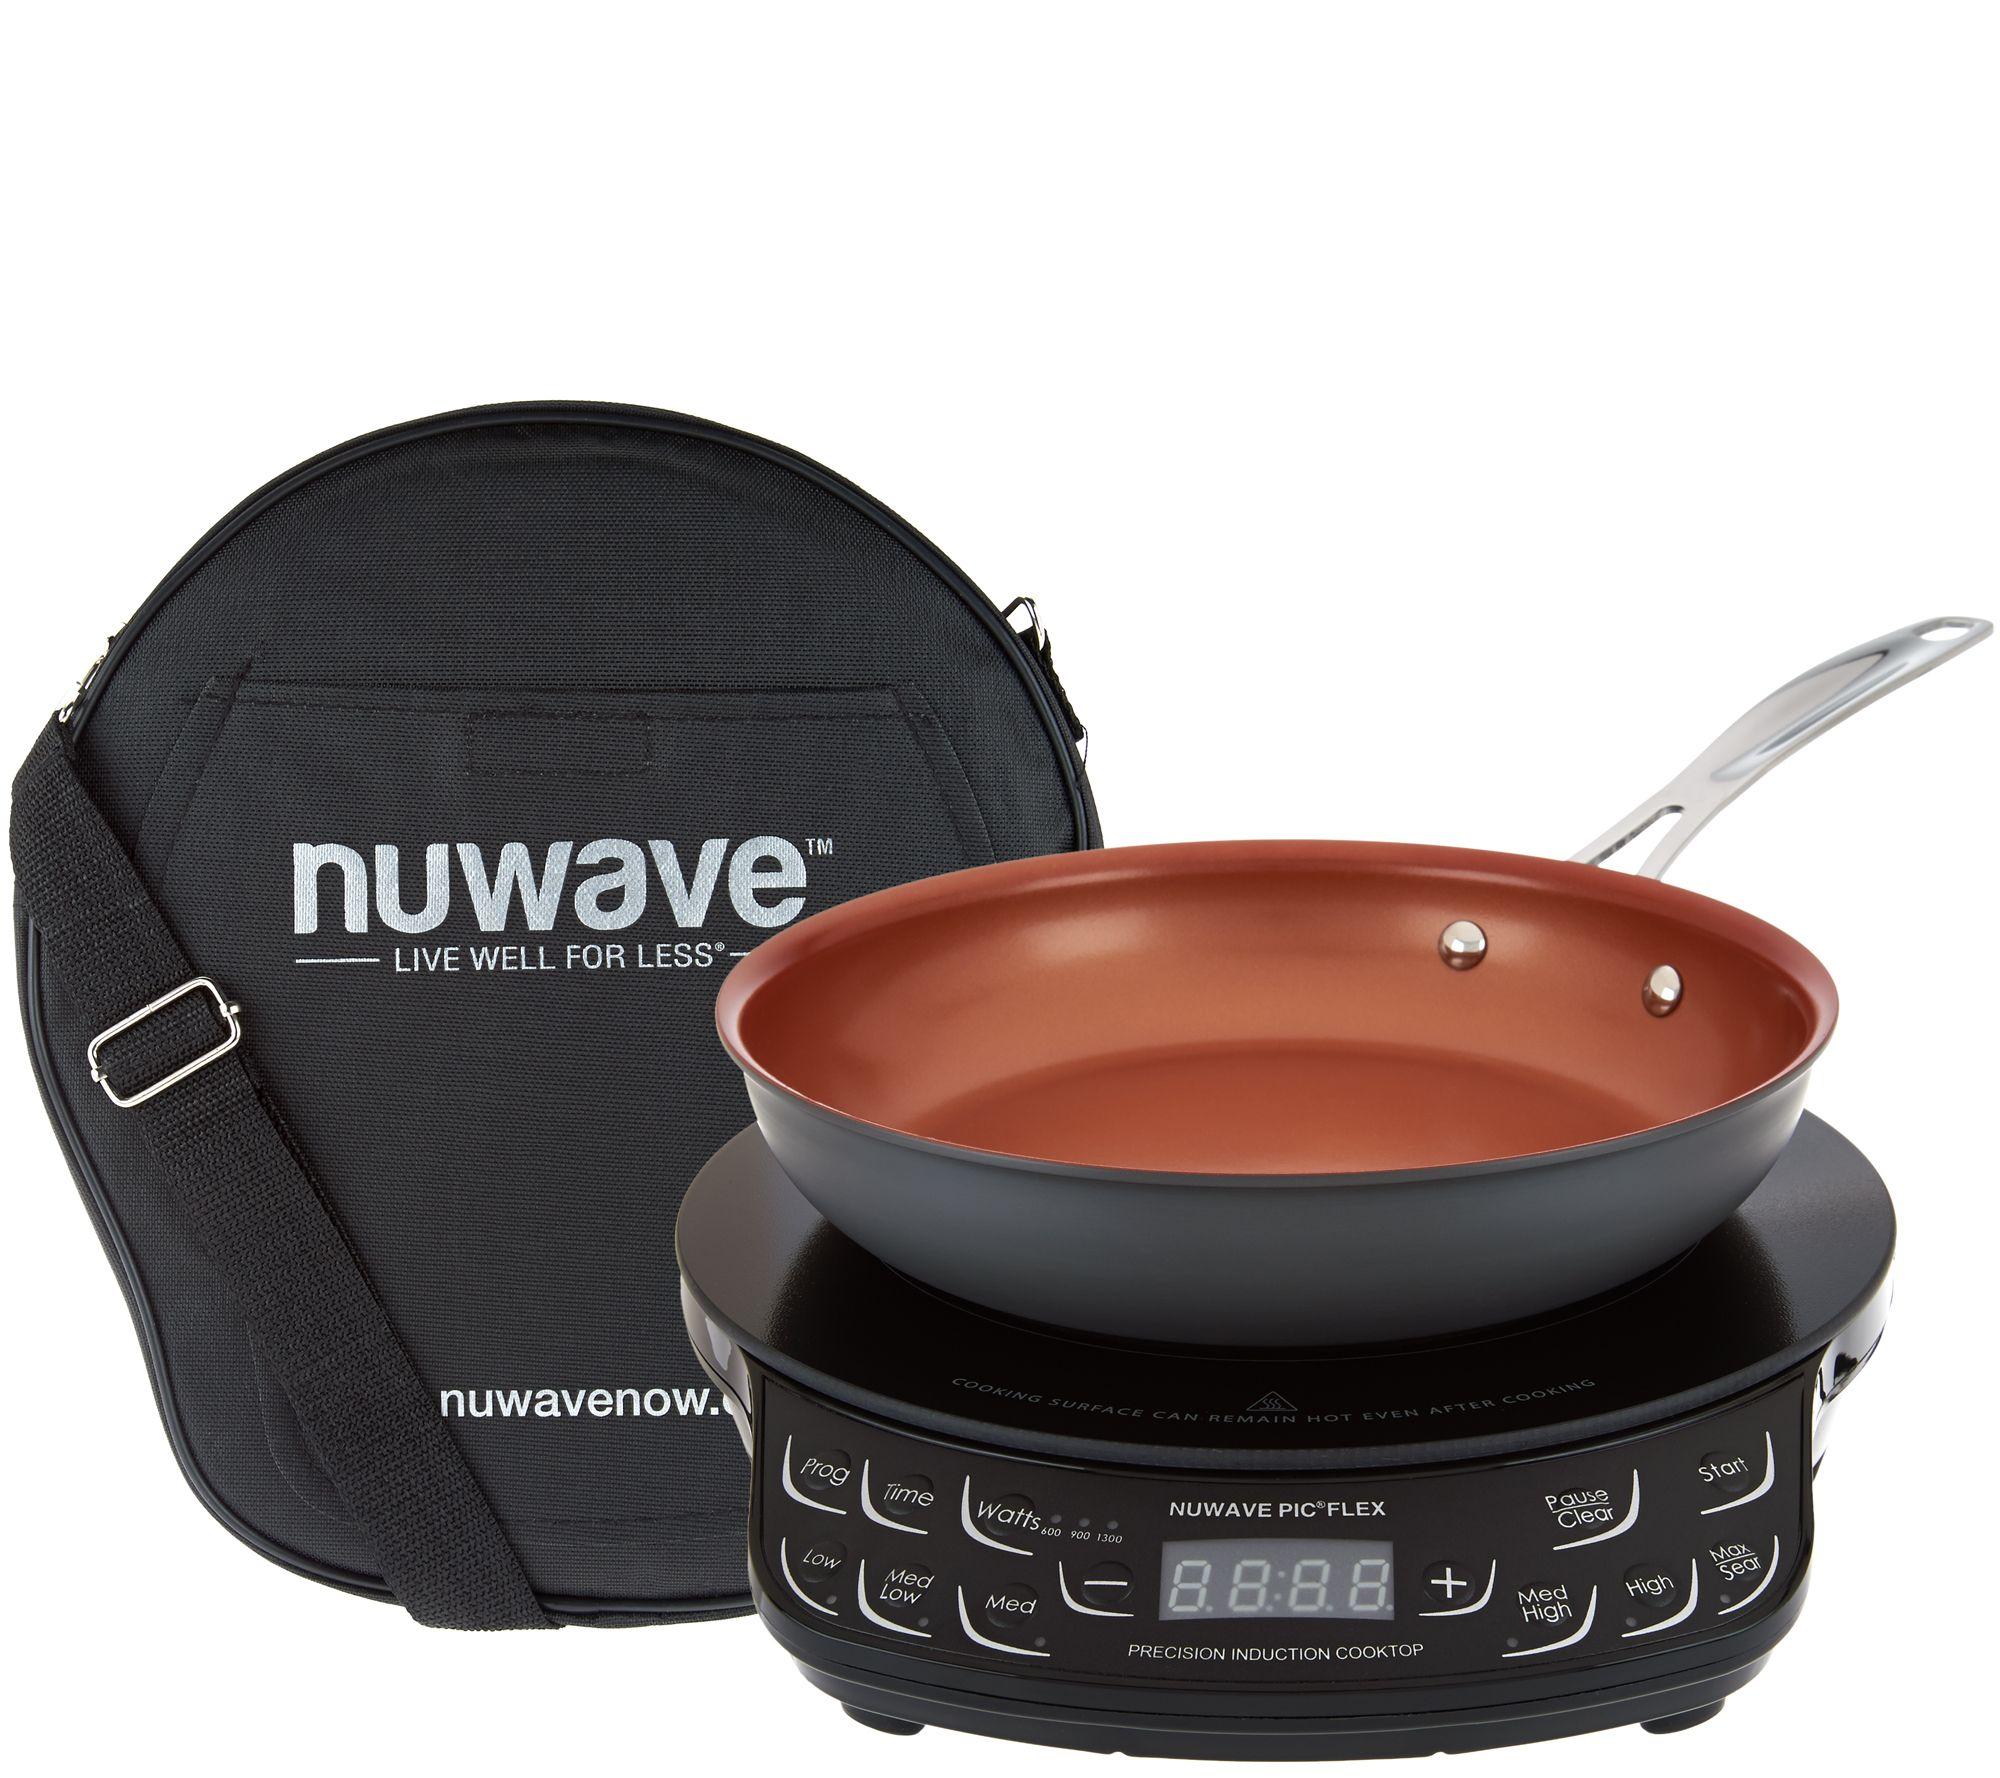 Nuwave Precision Induction Cooktop Flex w 9 Pan Bag Page 1